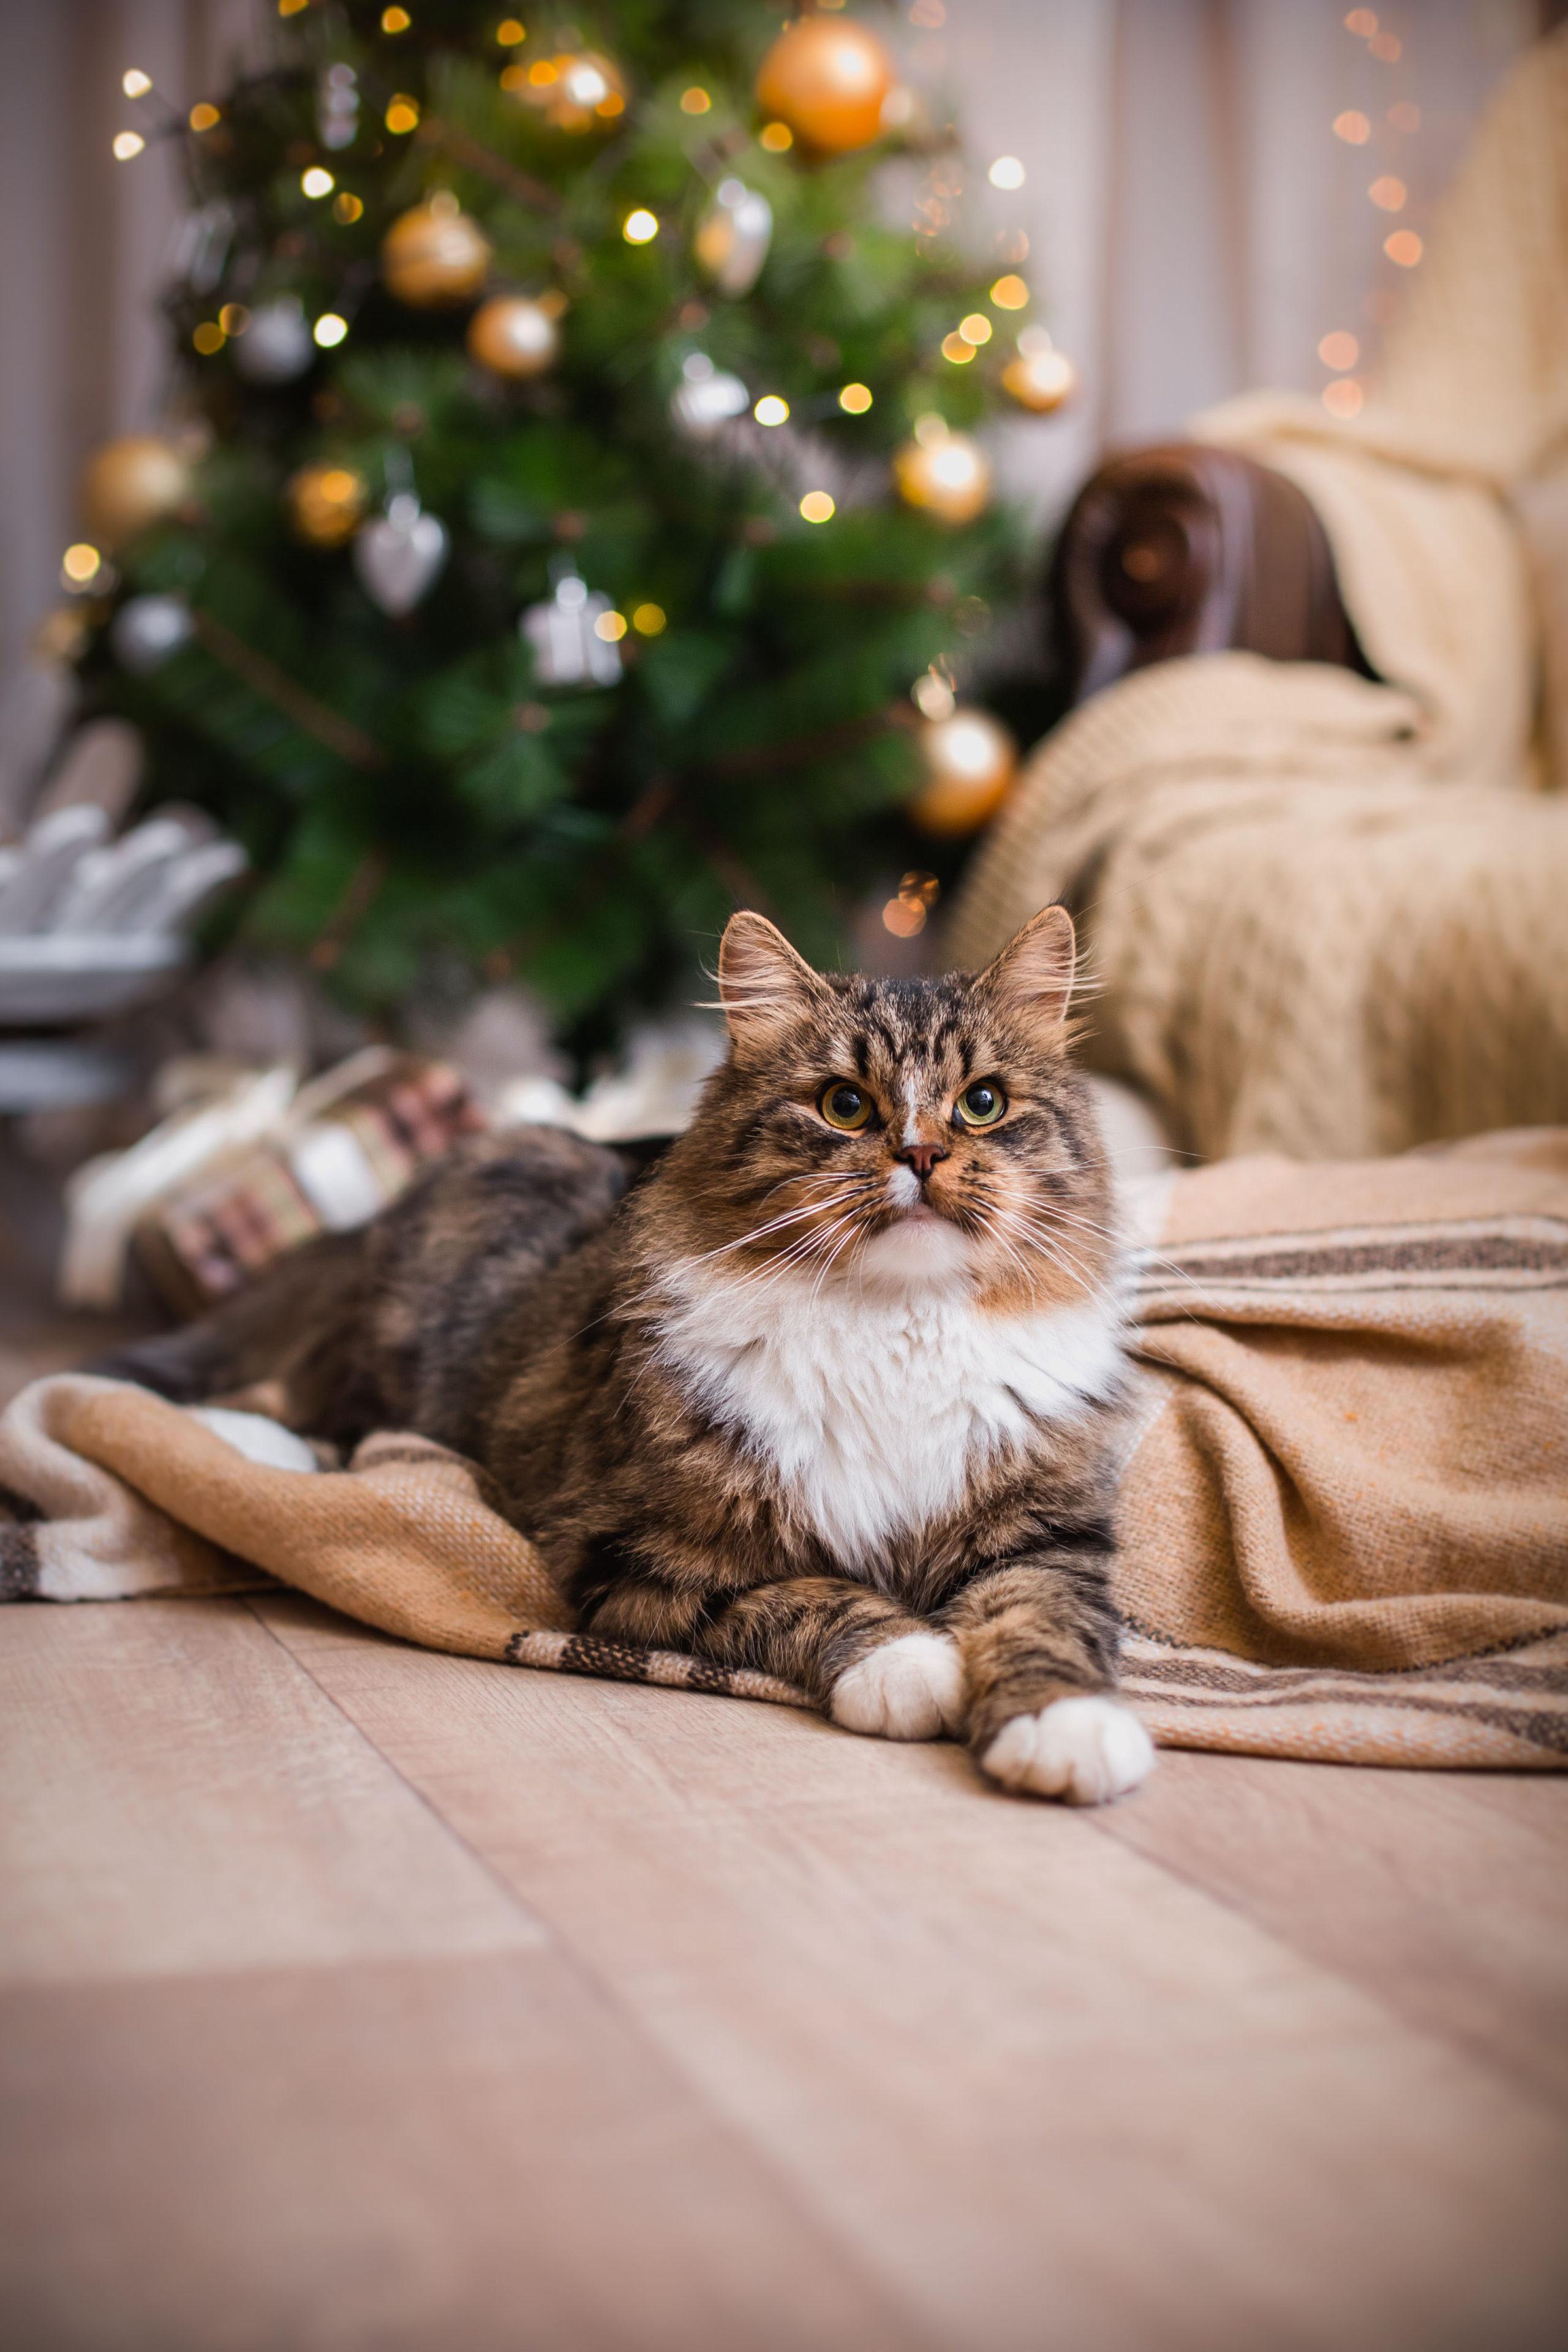 Eine neue Decke zum Kuscheln und Spielen - das sorgt für tierische Freude bei den Samtpfoten.